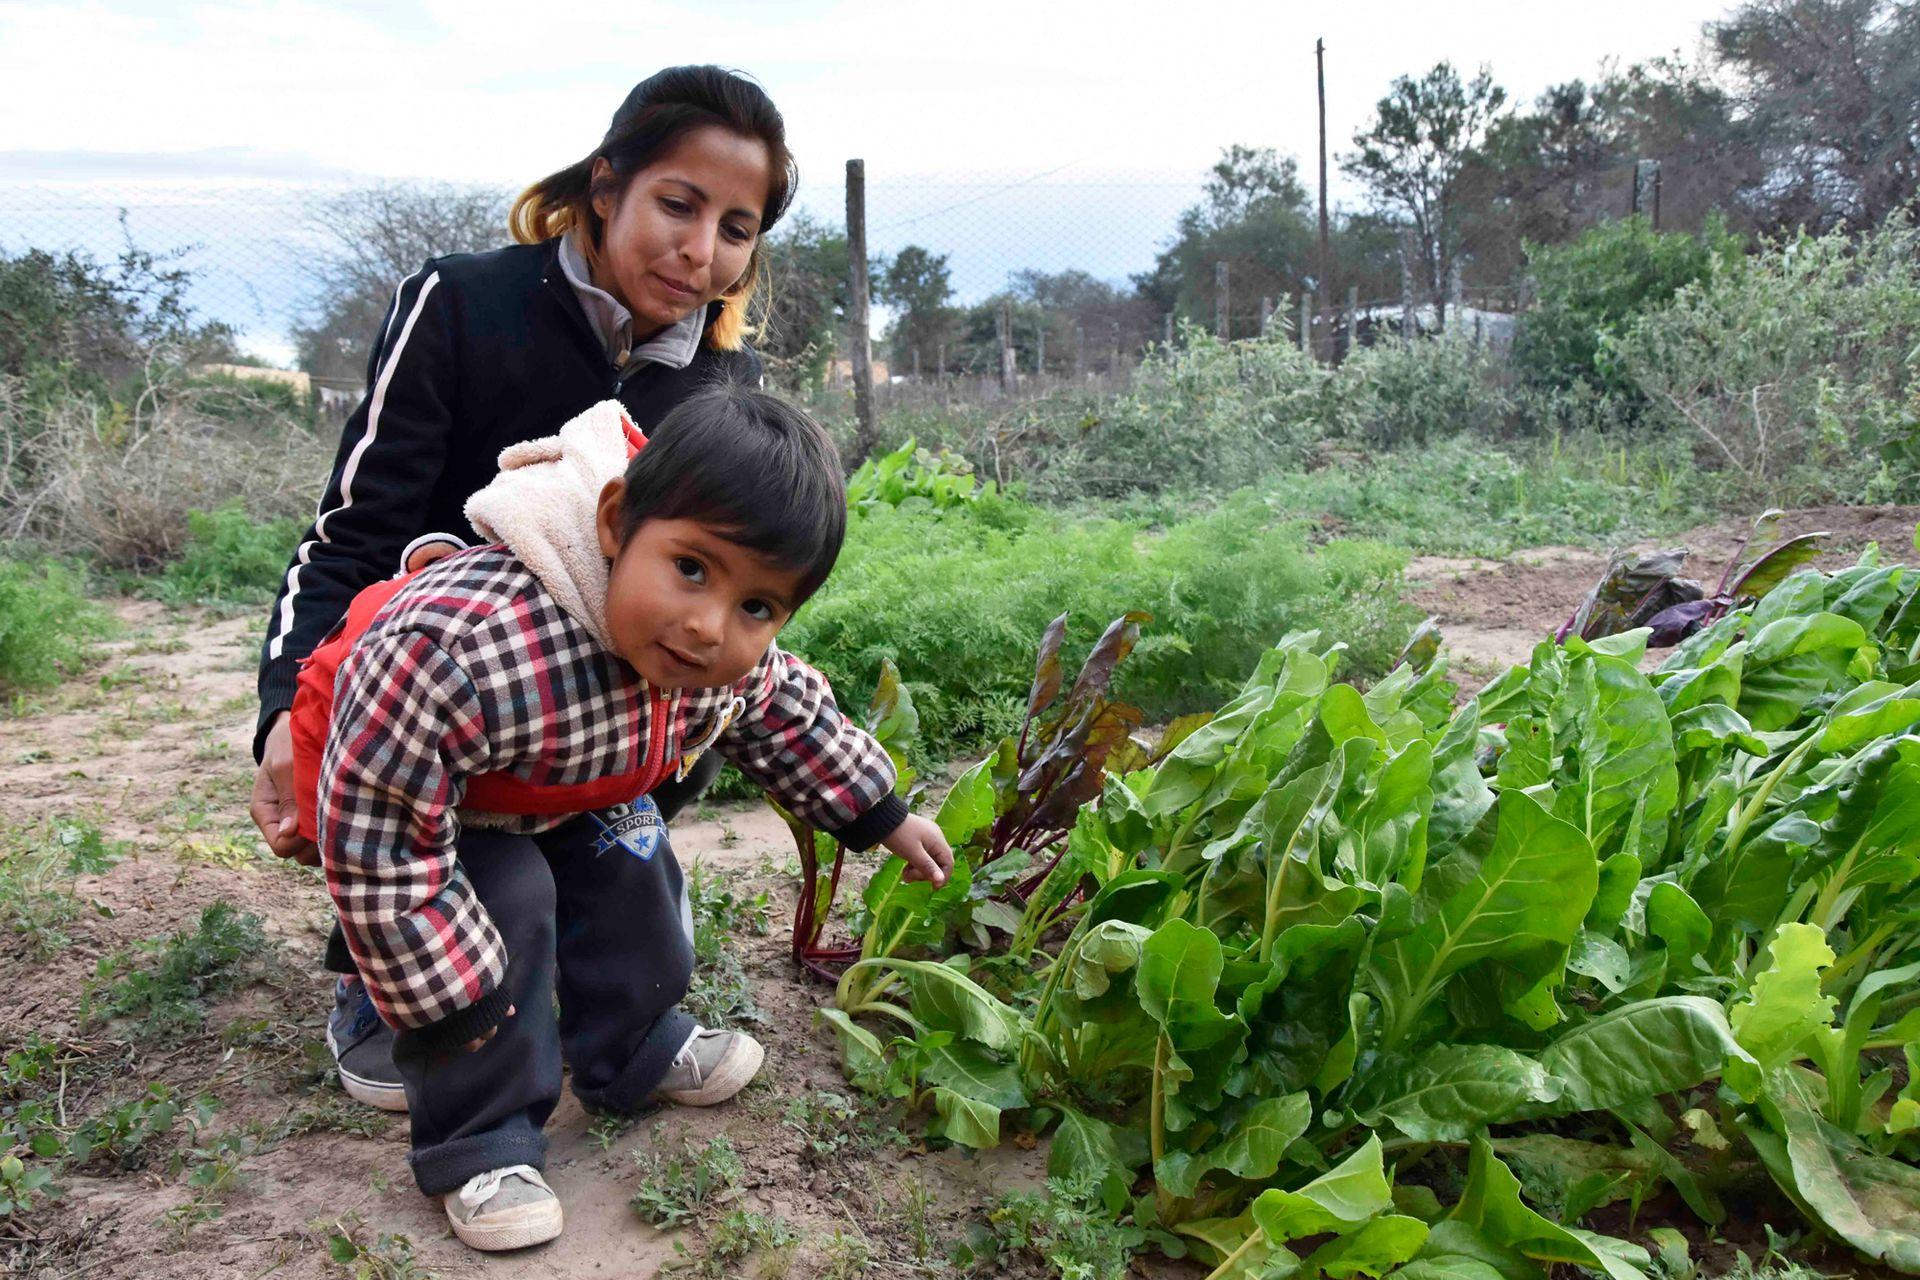 Otro de los proyectos que llevan adelante son las huertas comunitarias, ya se sumaron 154 familias